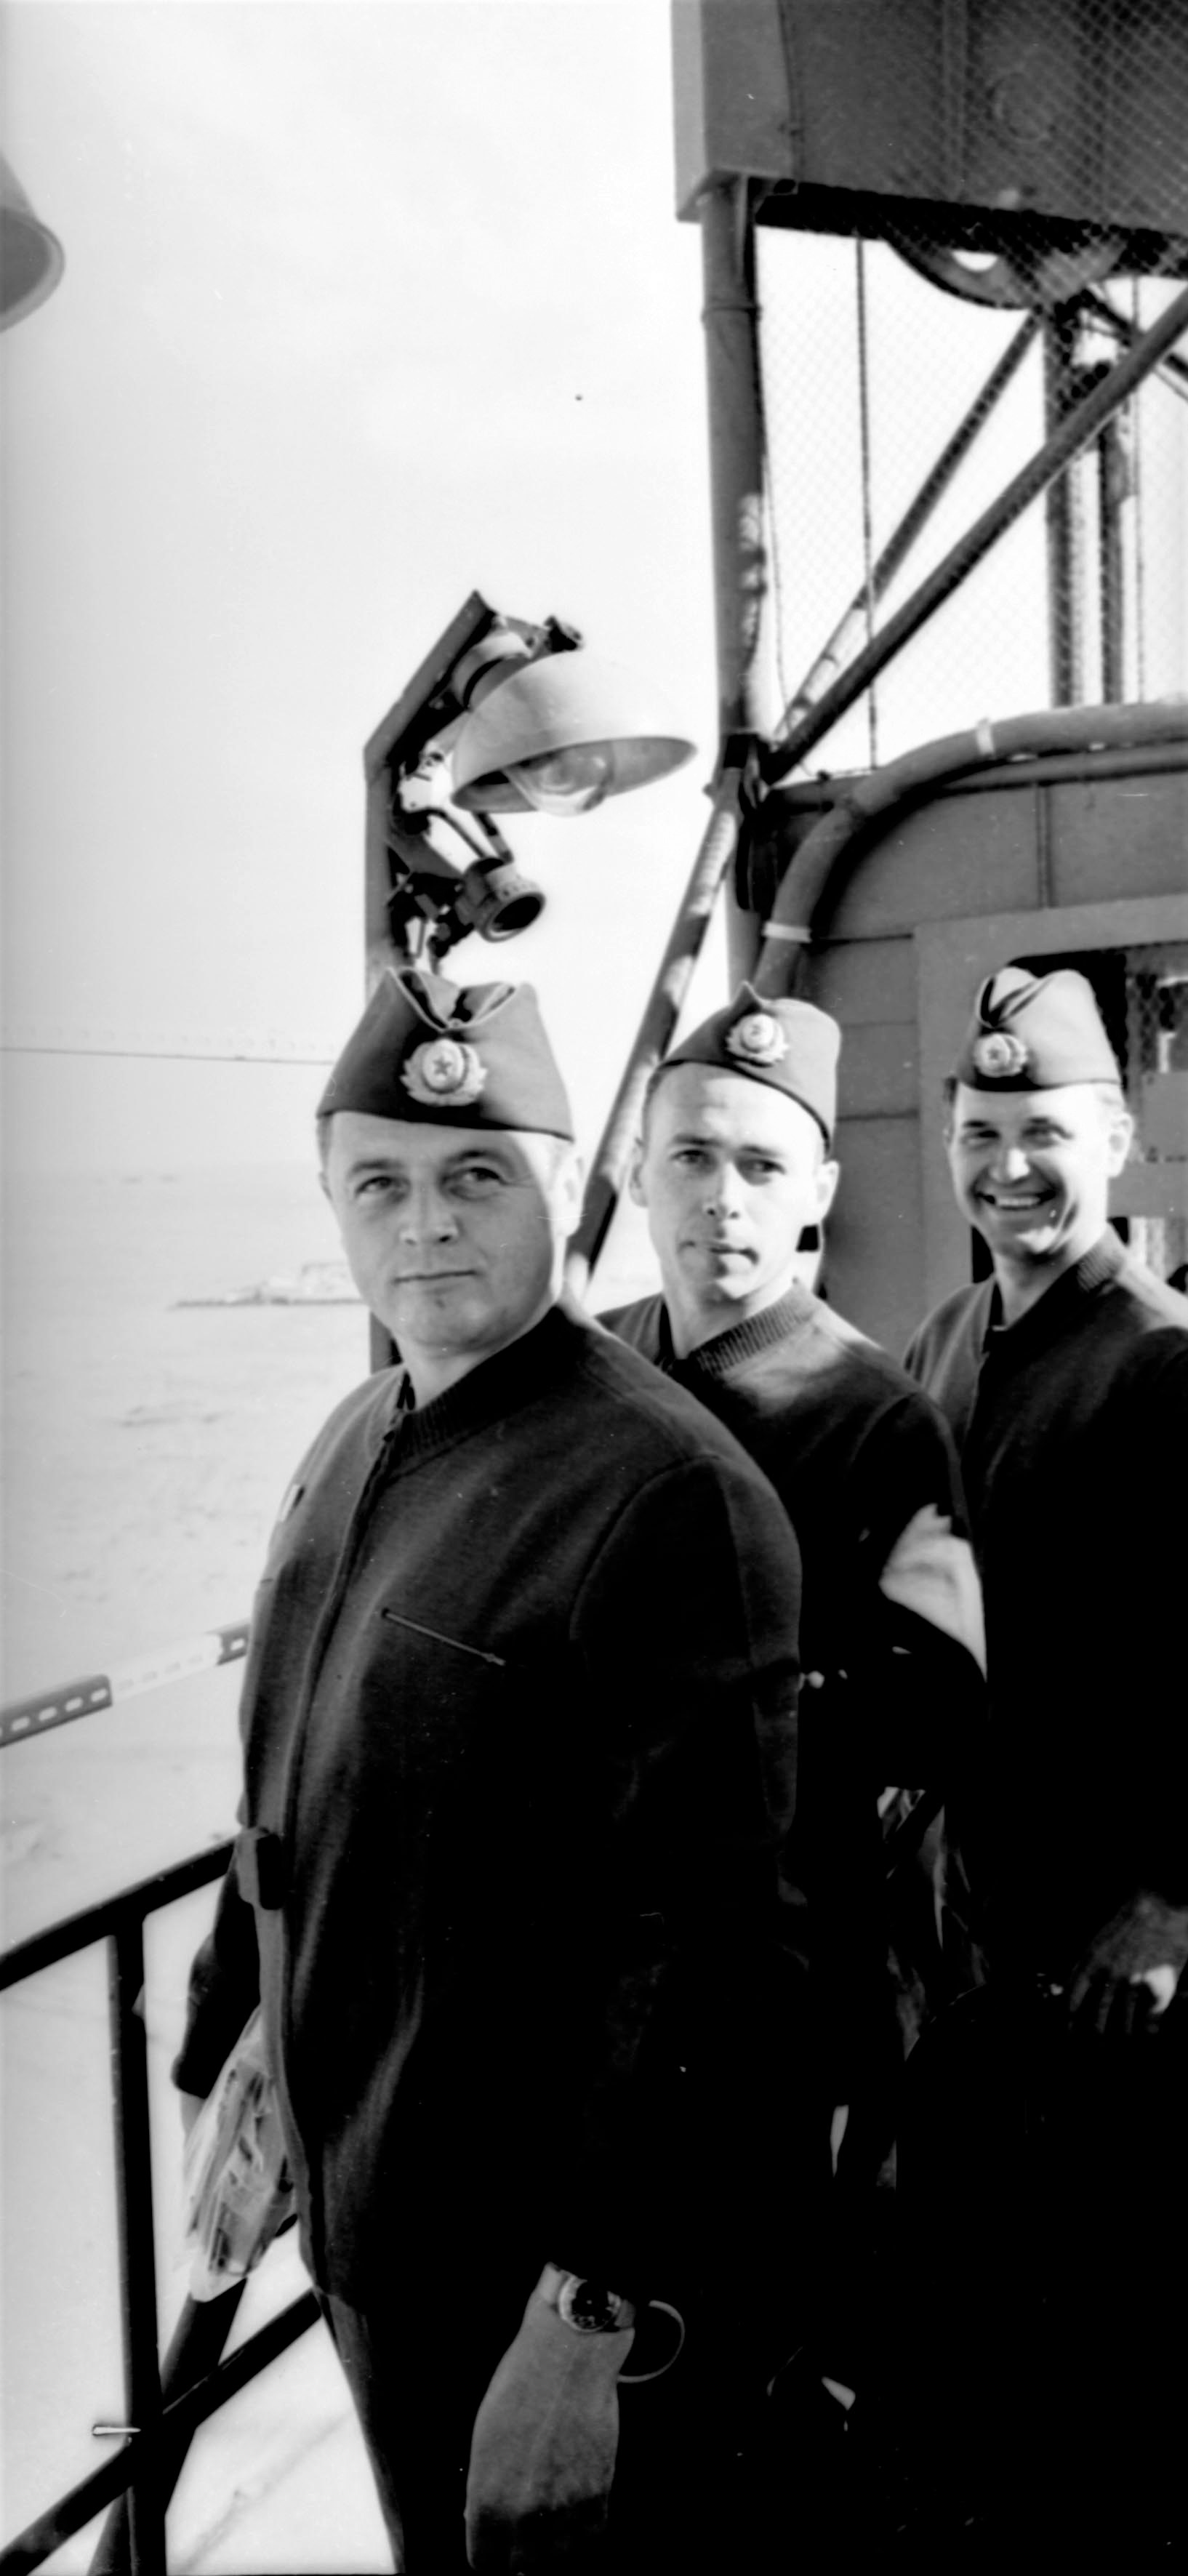 космонавты Георгий Тимофеевич Добровольский, Владислав Николаевич Волкова и Виктор Иванович Пацаев